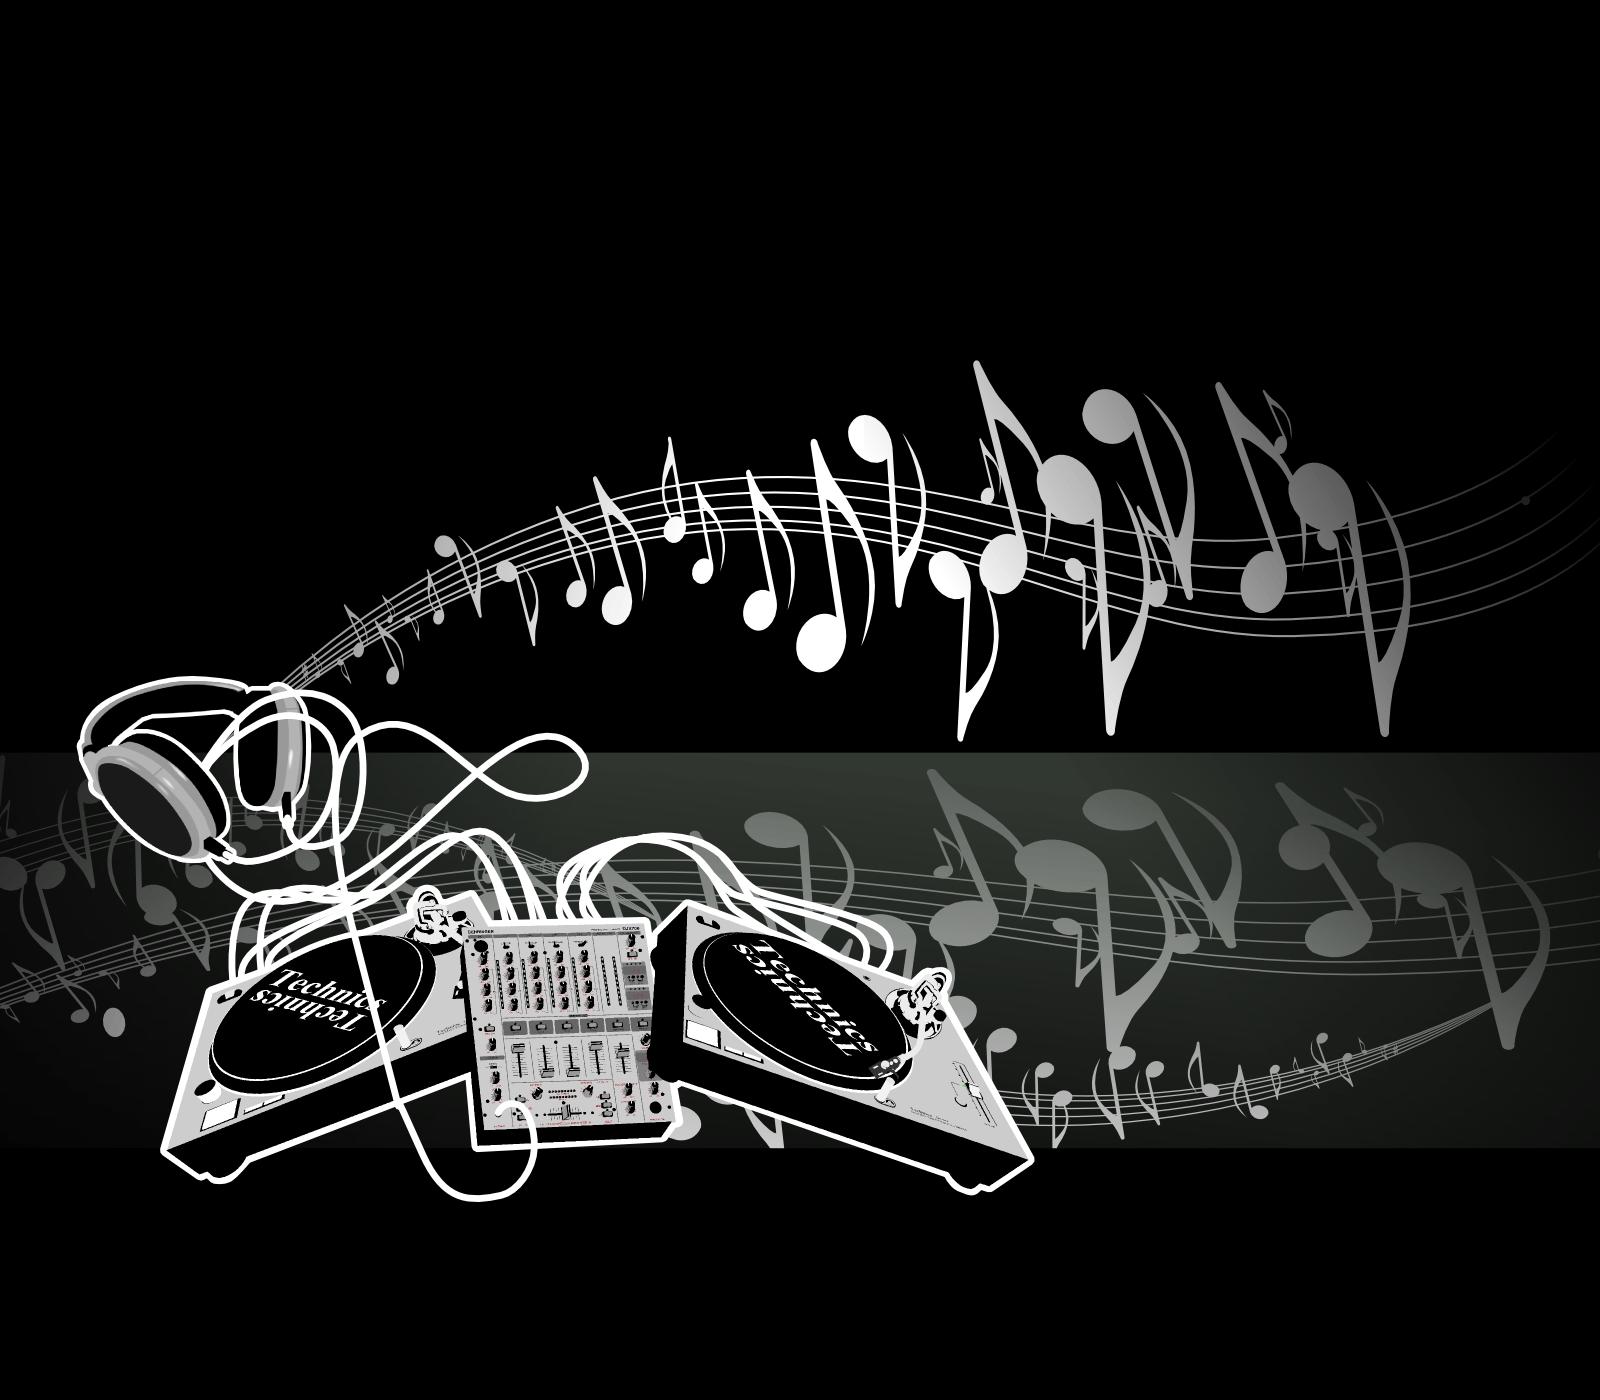 dj-wallpaper-hd-2017